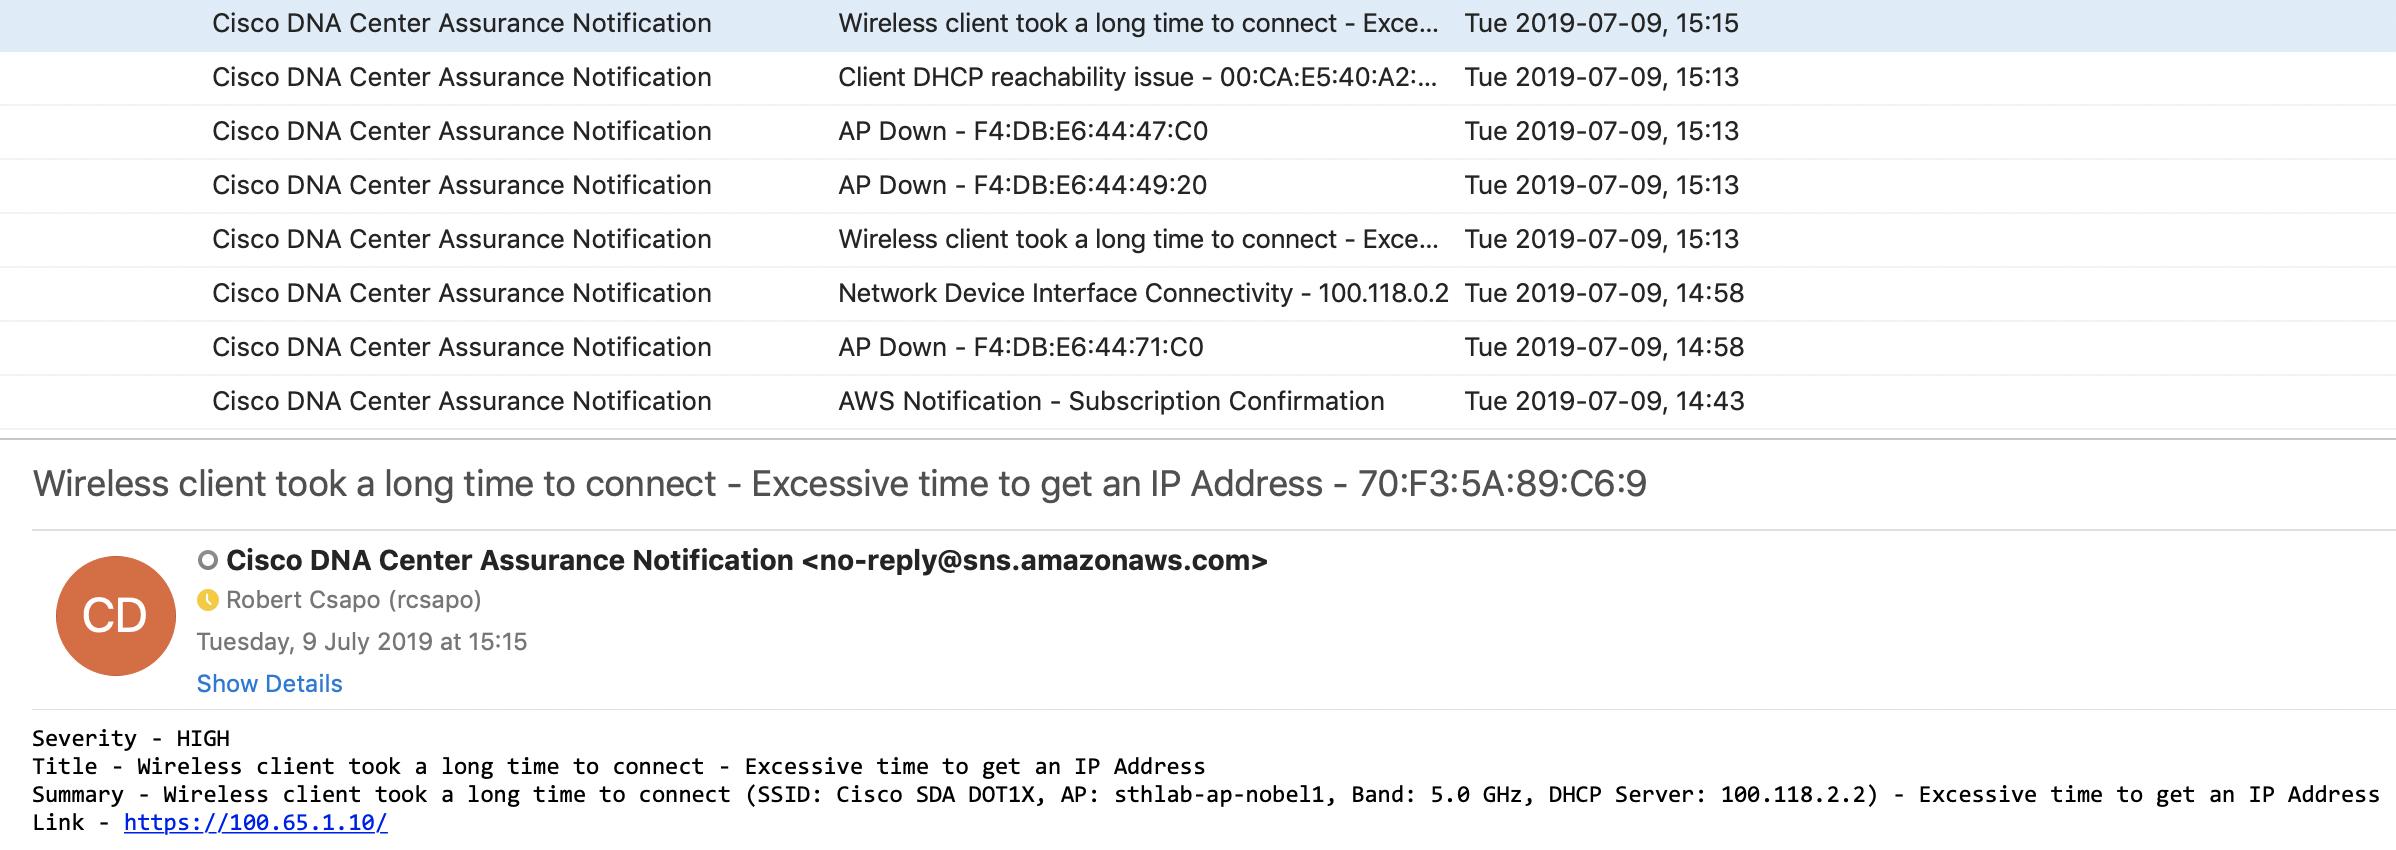 robertcsapo/cisco-dnacaap-assurance-aws-sns: Cisco DNA